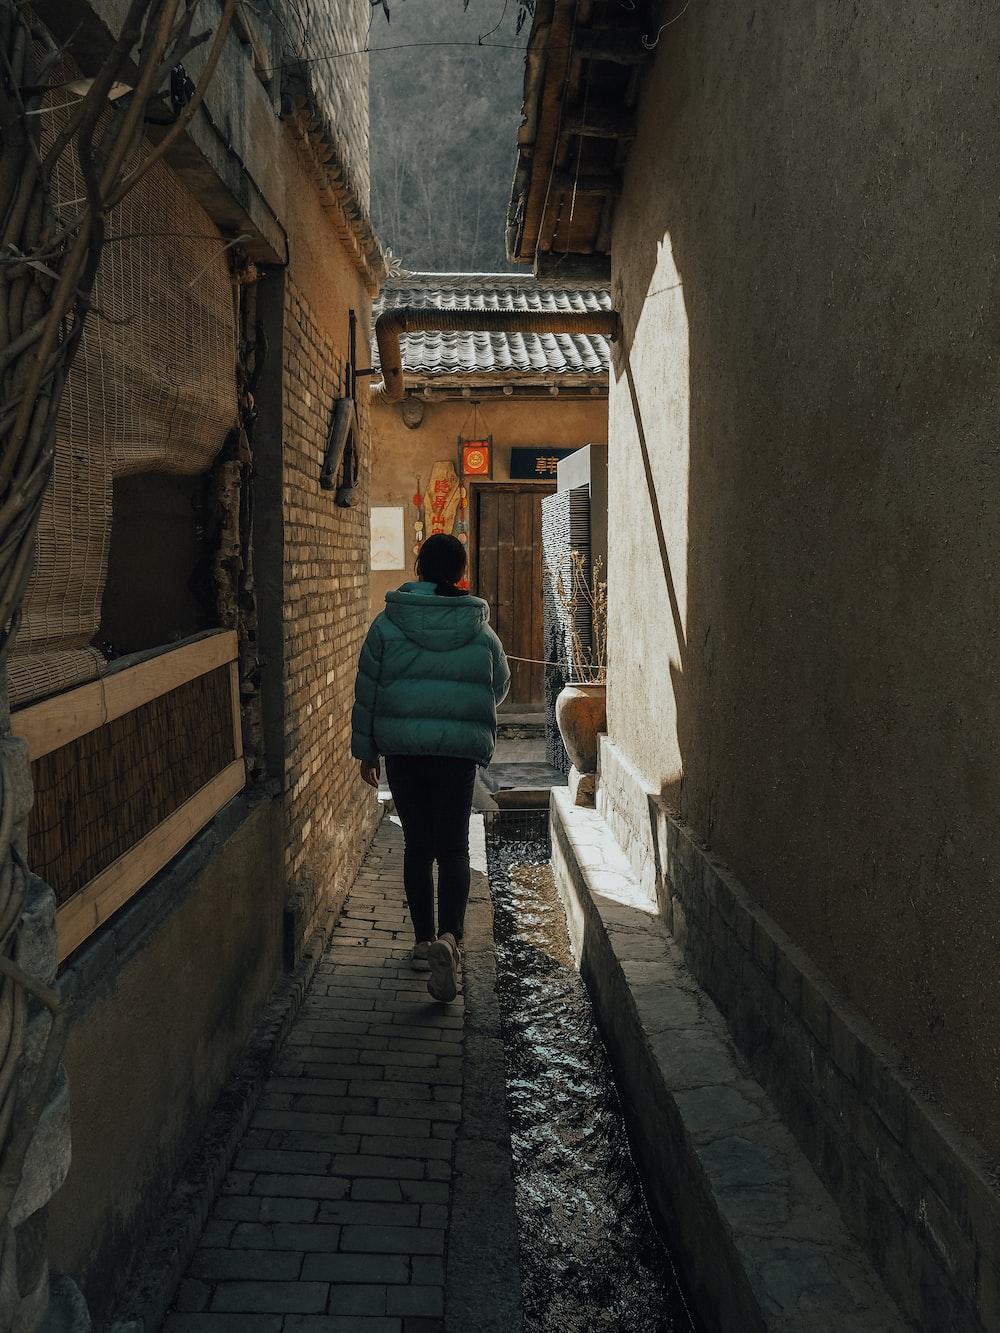 woman in green jacket walking on hallway